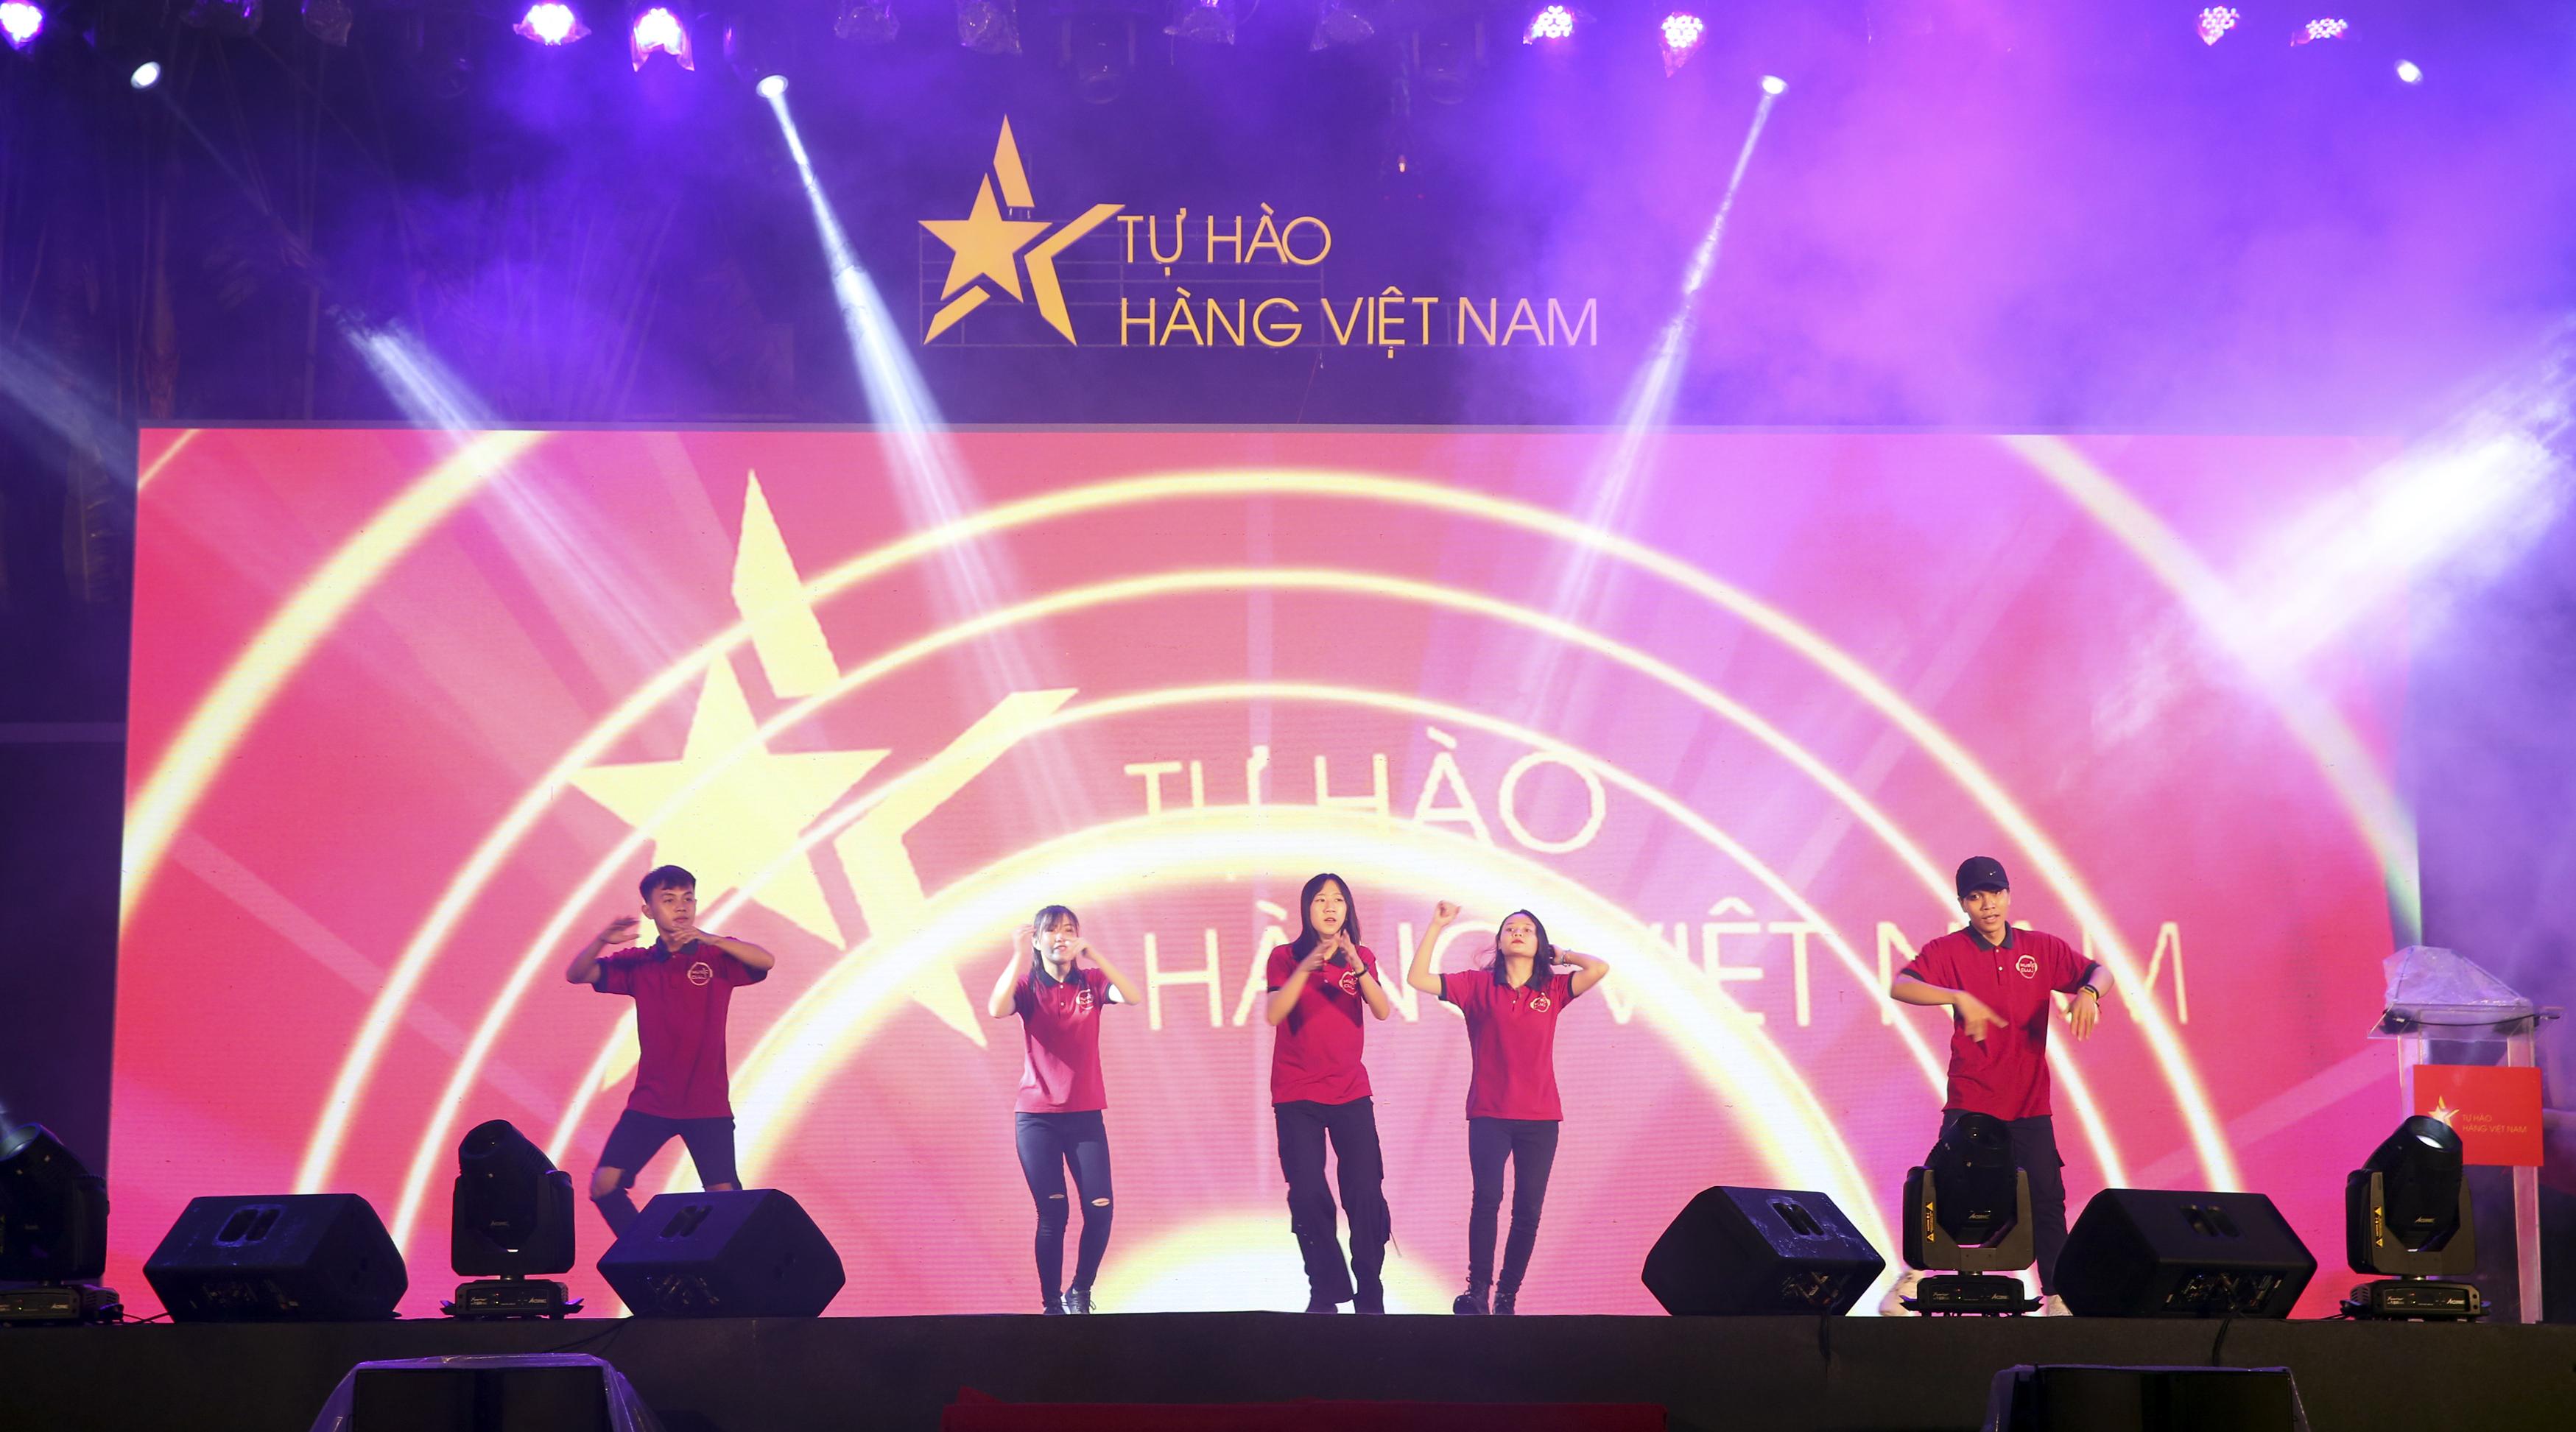 Tự hào hàng Việt